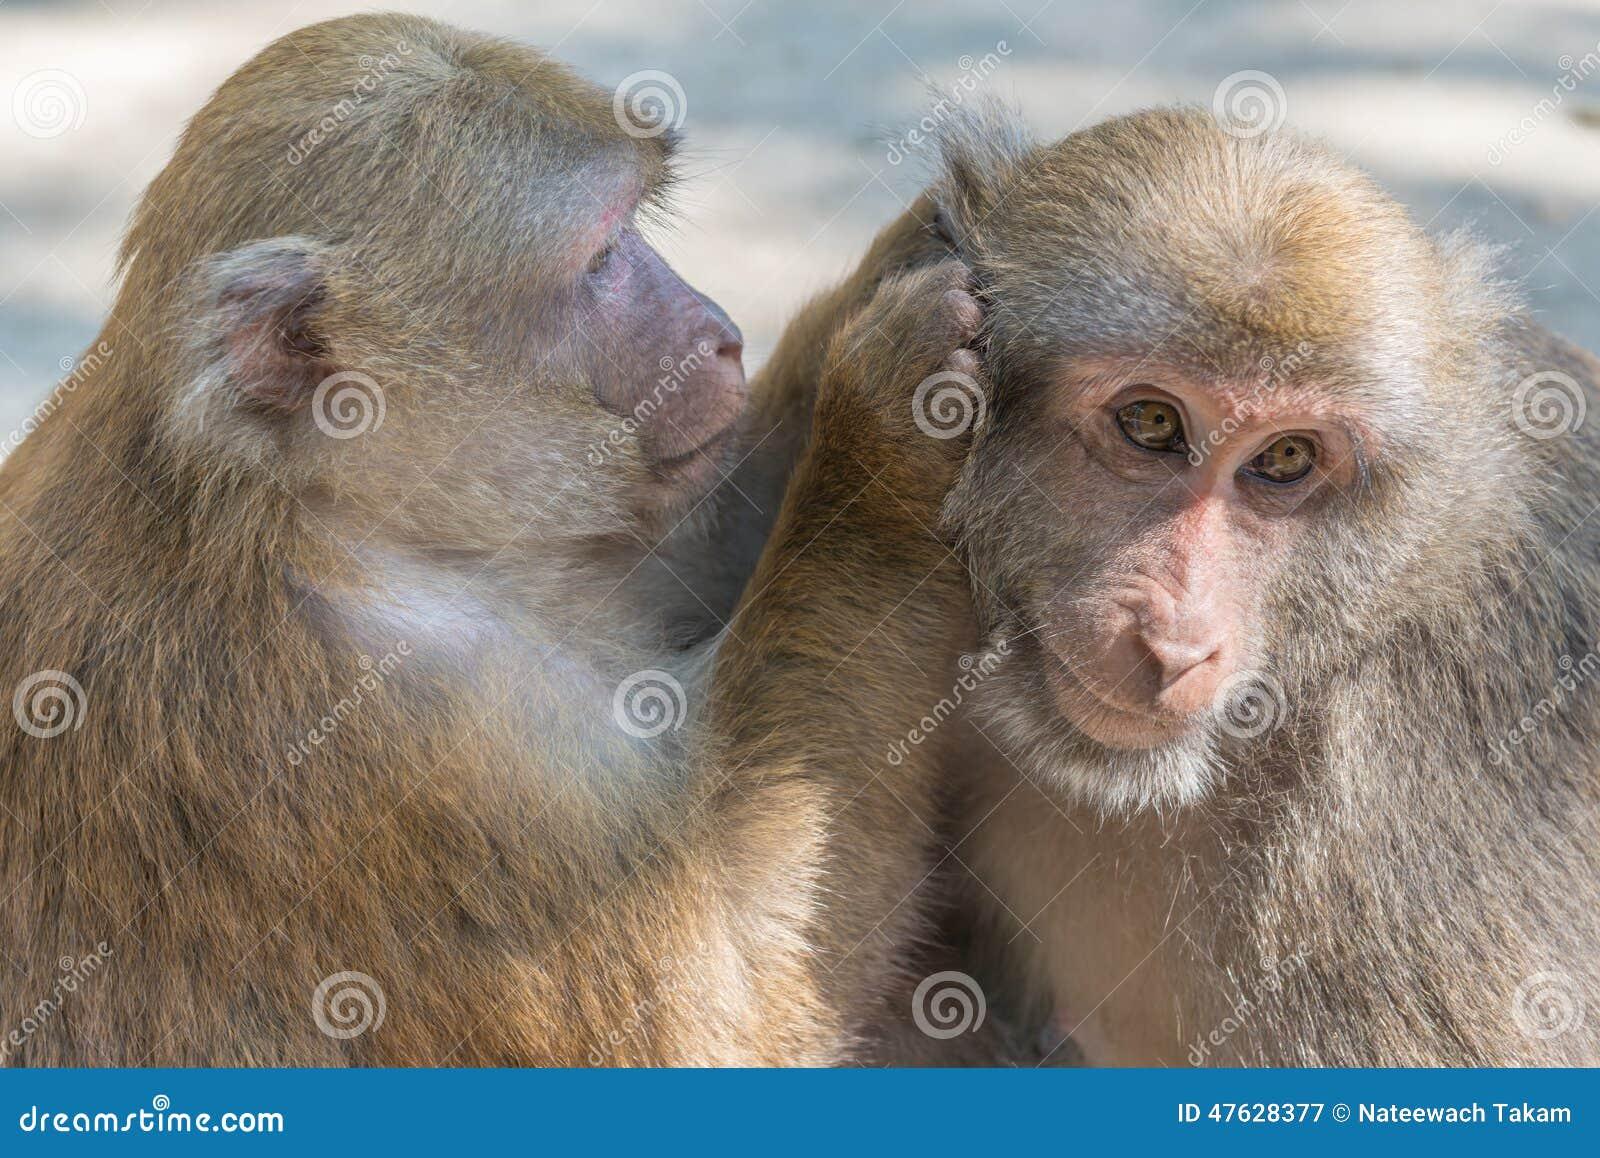 Monkeys of love